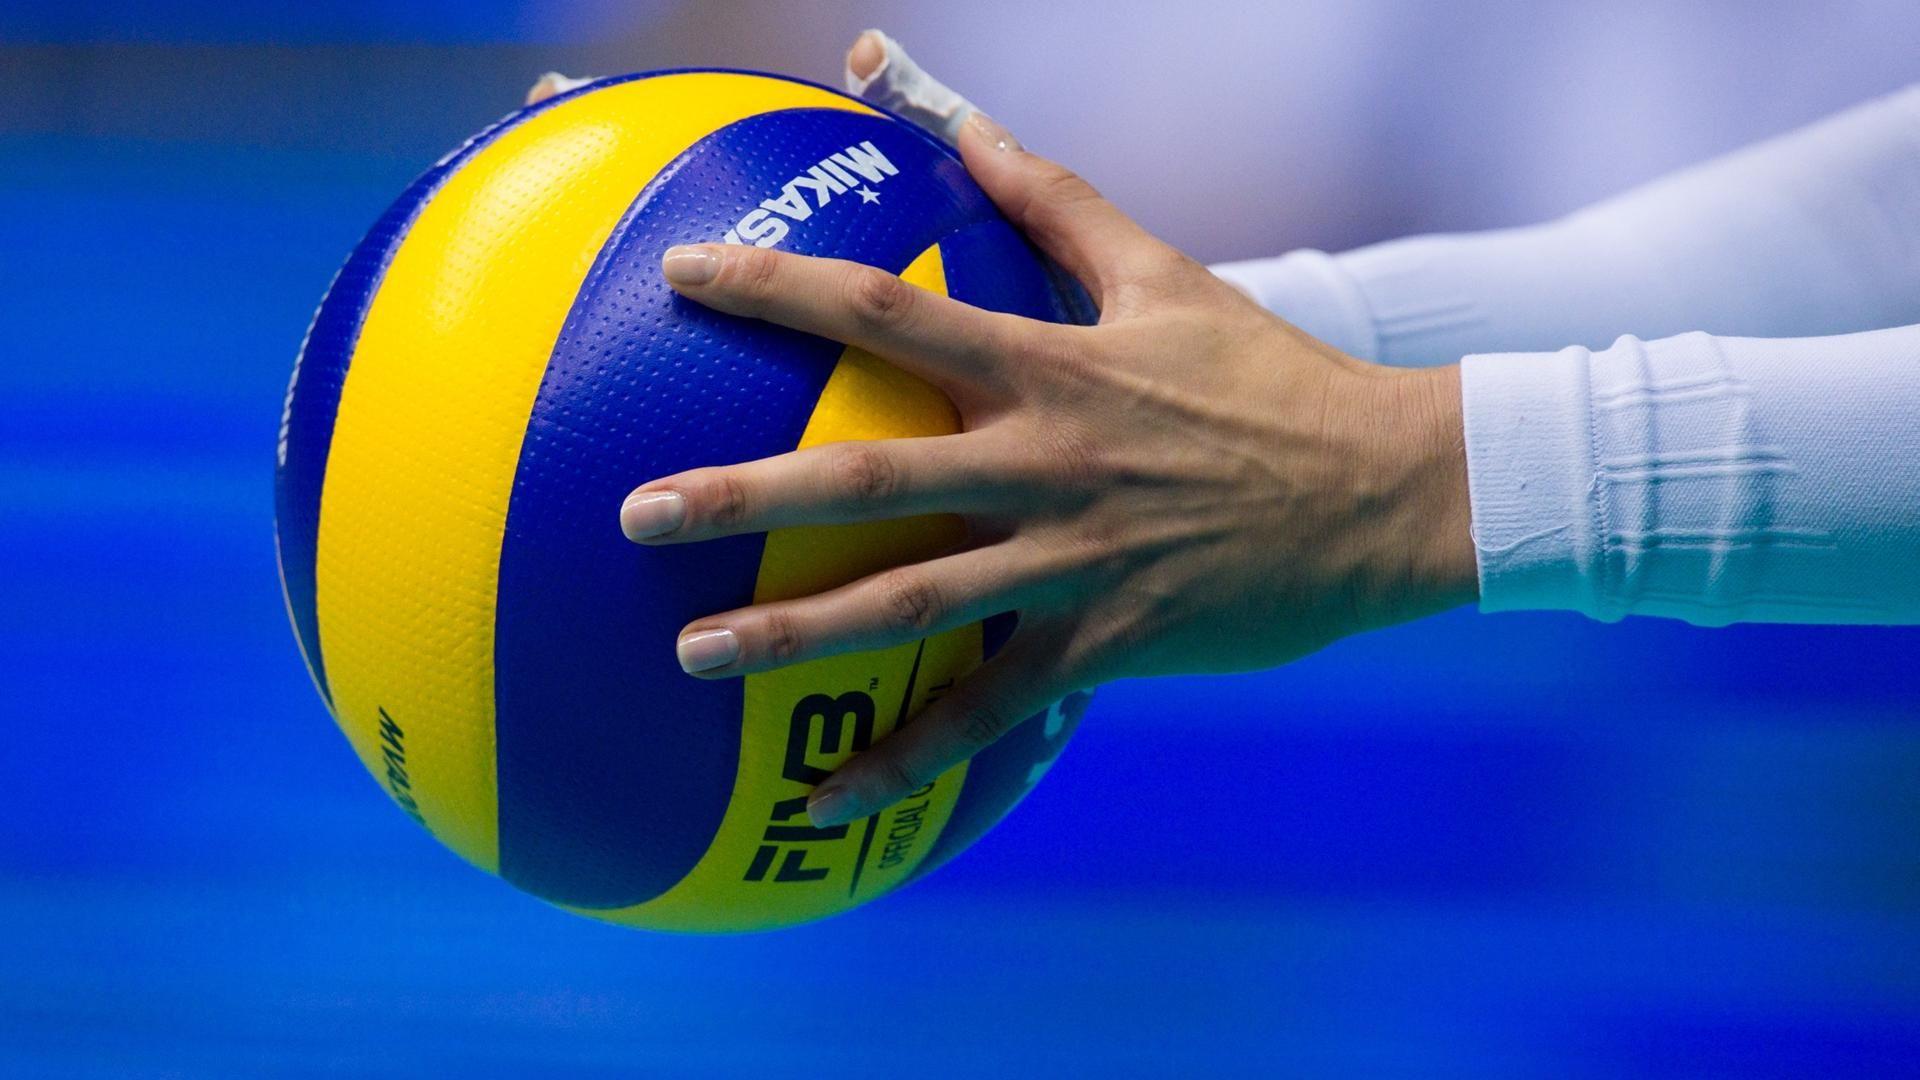 Volleyball Laola1 Tv Volleyball Wallpaper Volleyball Meisterschaft